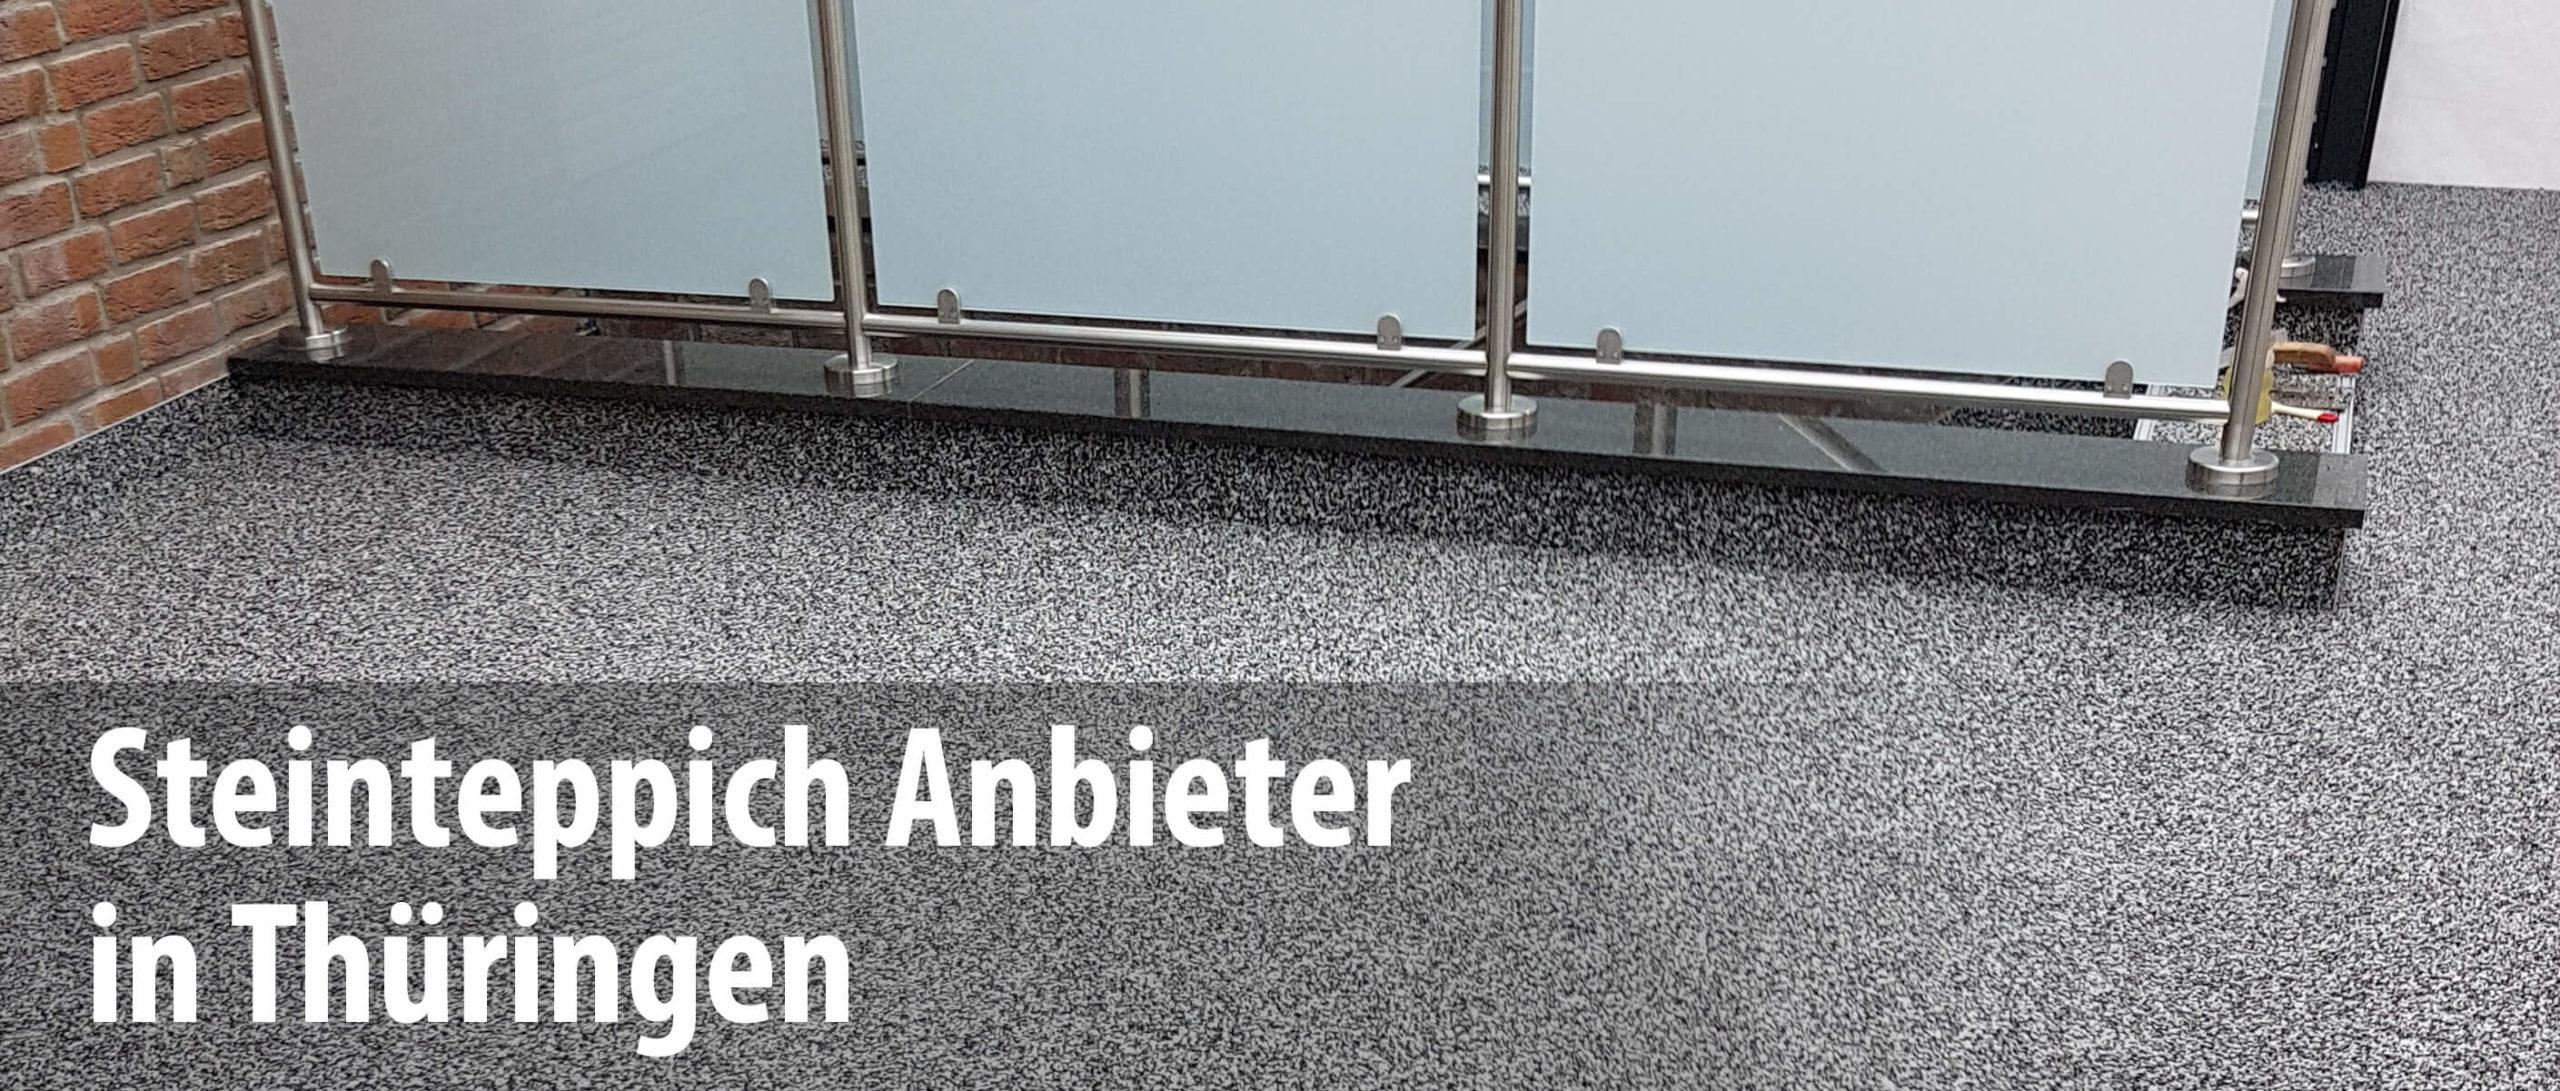 Wir arbeiten mit Steinteppich-Anbietern in Thüringen zusammen und bieten mit unseren Partnern die professionelle Sanierung und Abdichtung von Balkonen und Terrassen.